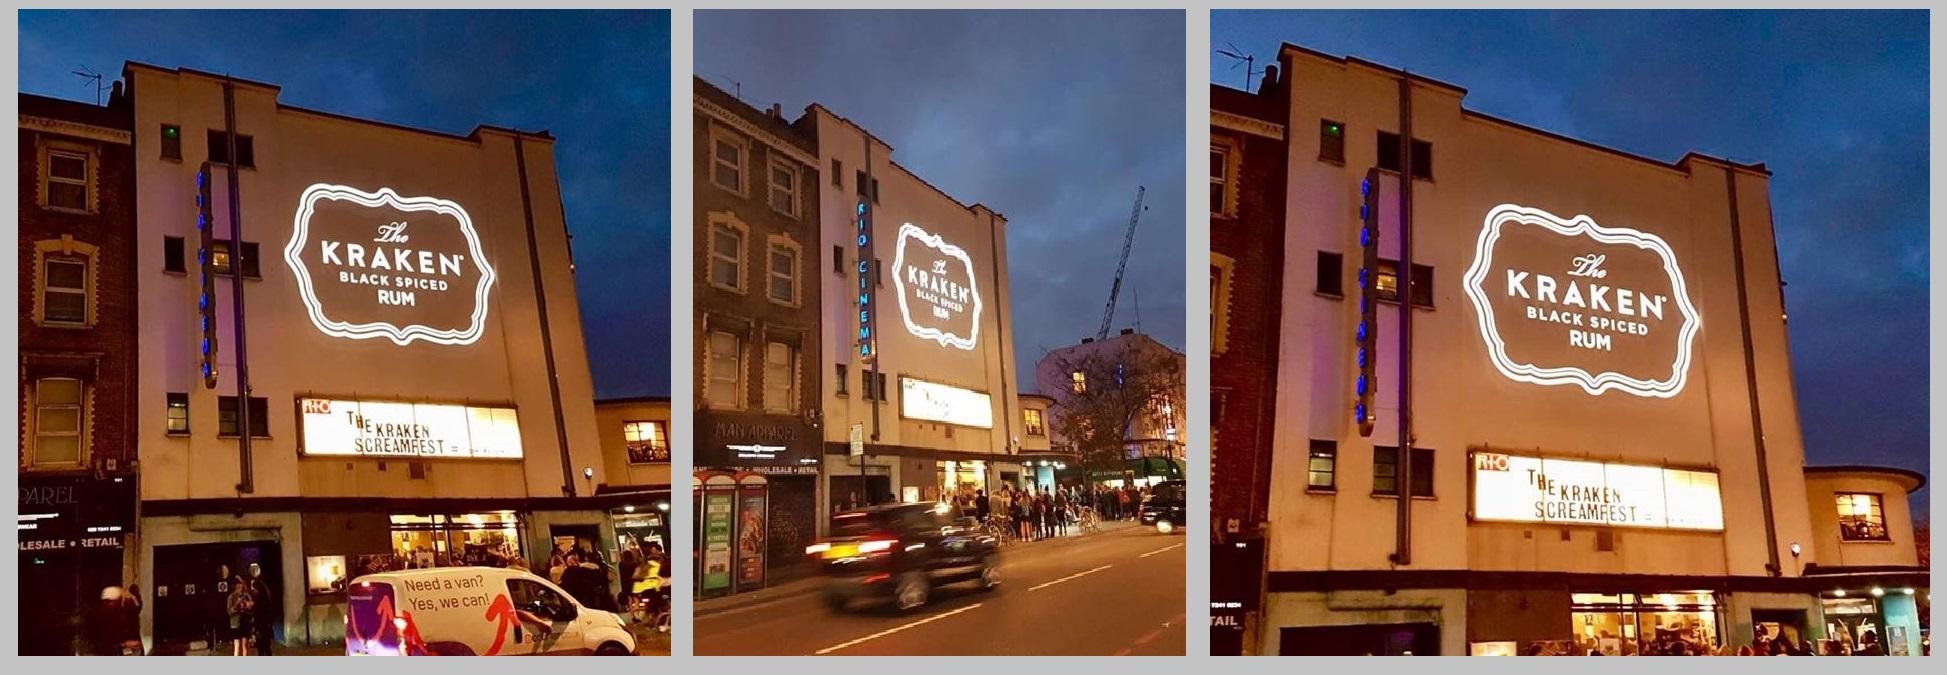 Kraken Screamfest projection, London